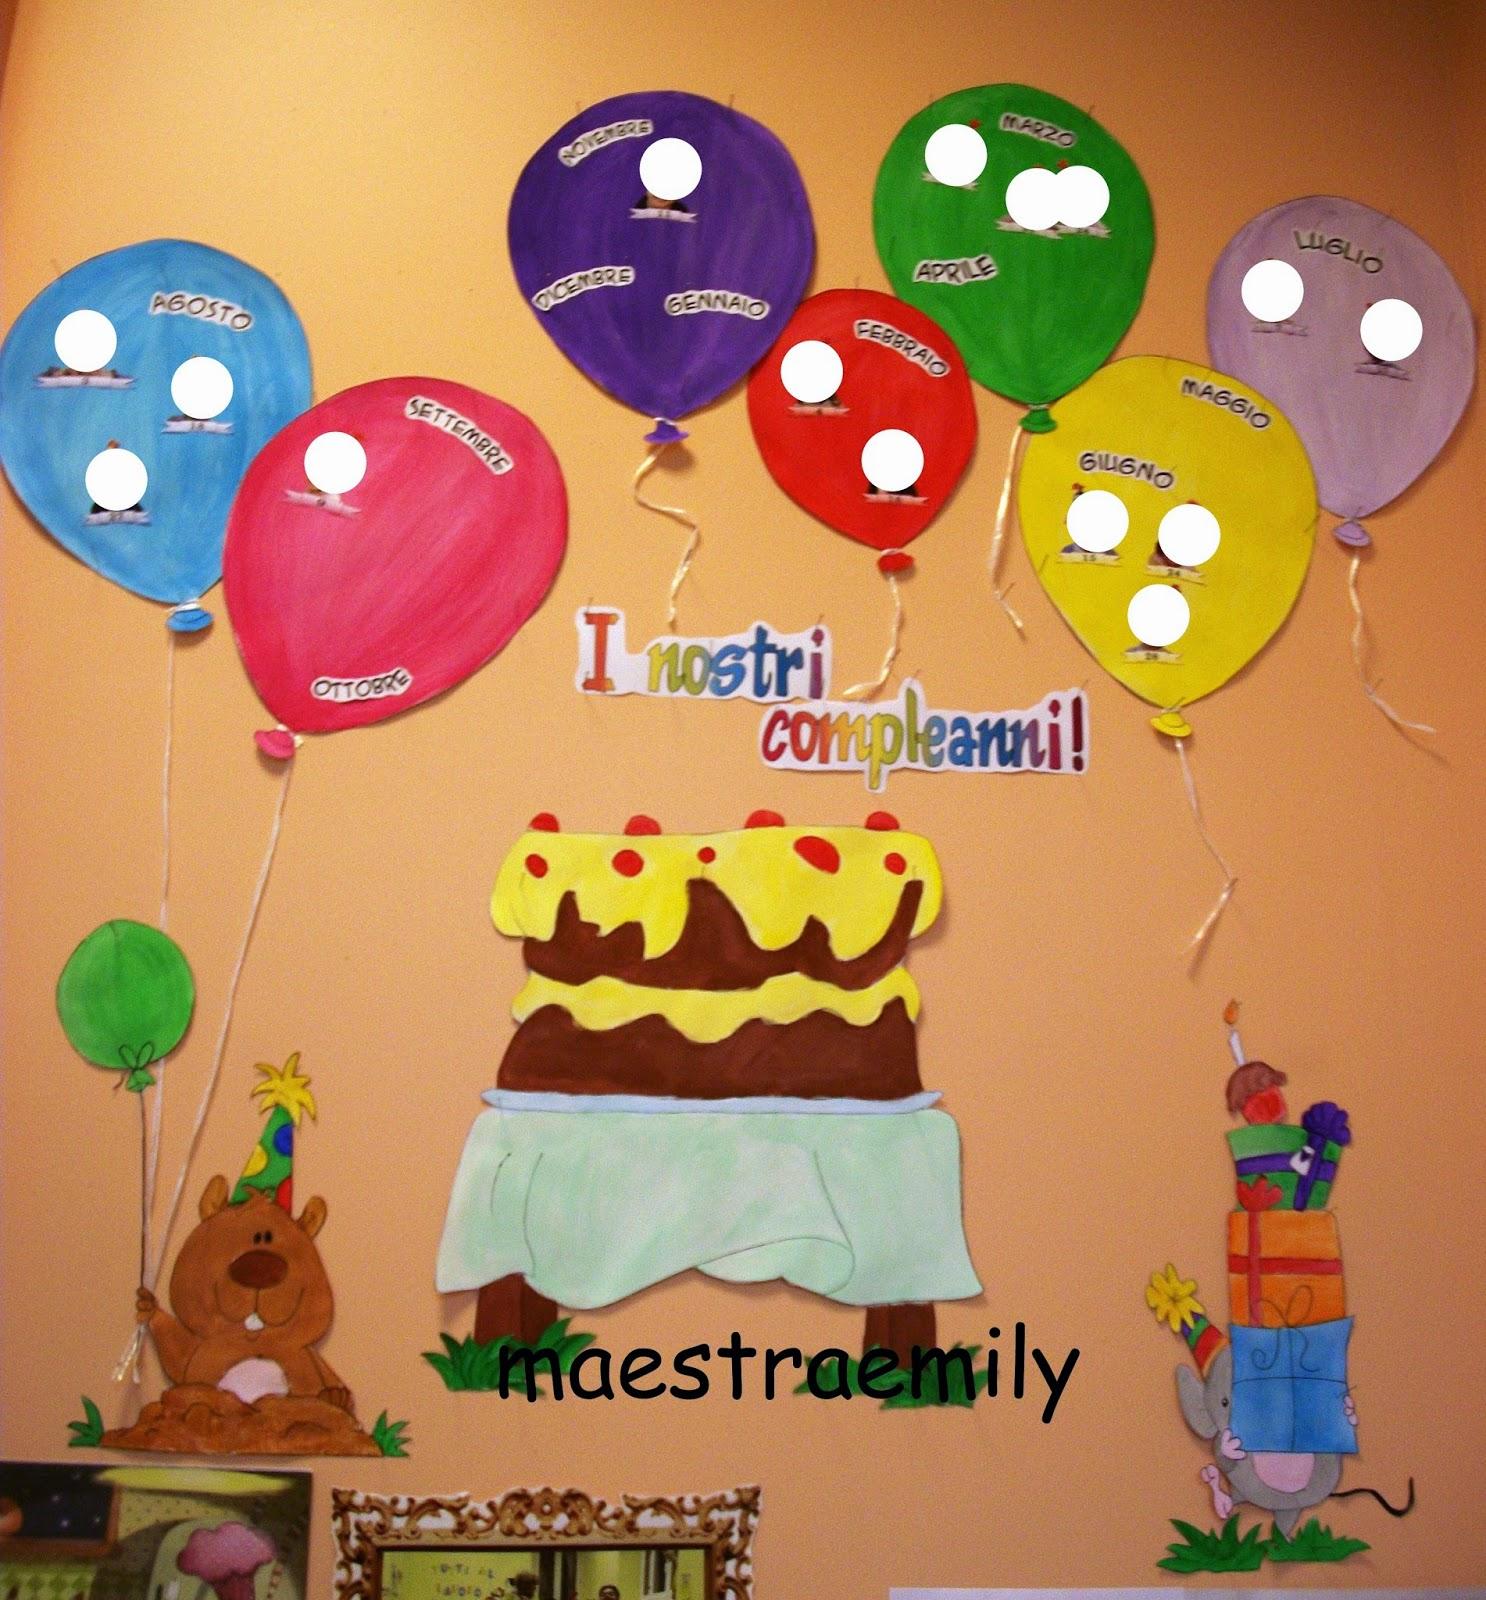 Maestraemily il cartellone dei compleanni for Cartelloni scuola infanzia